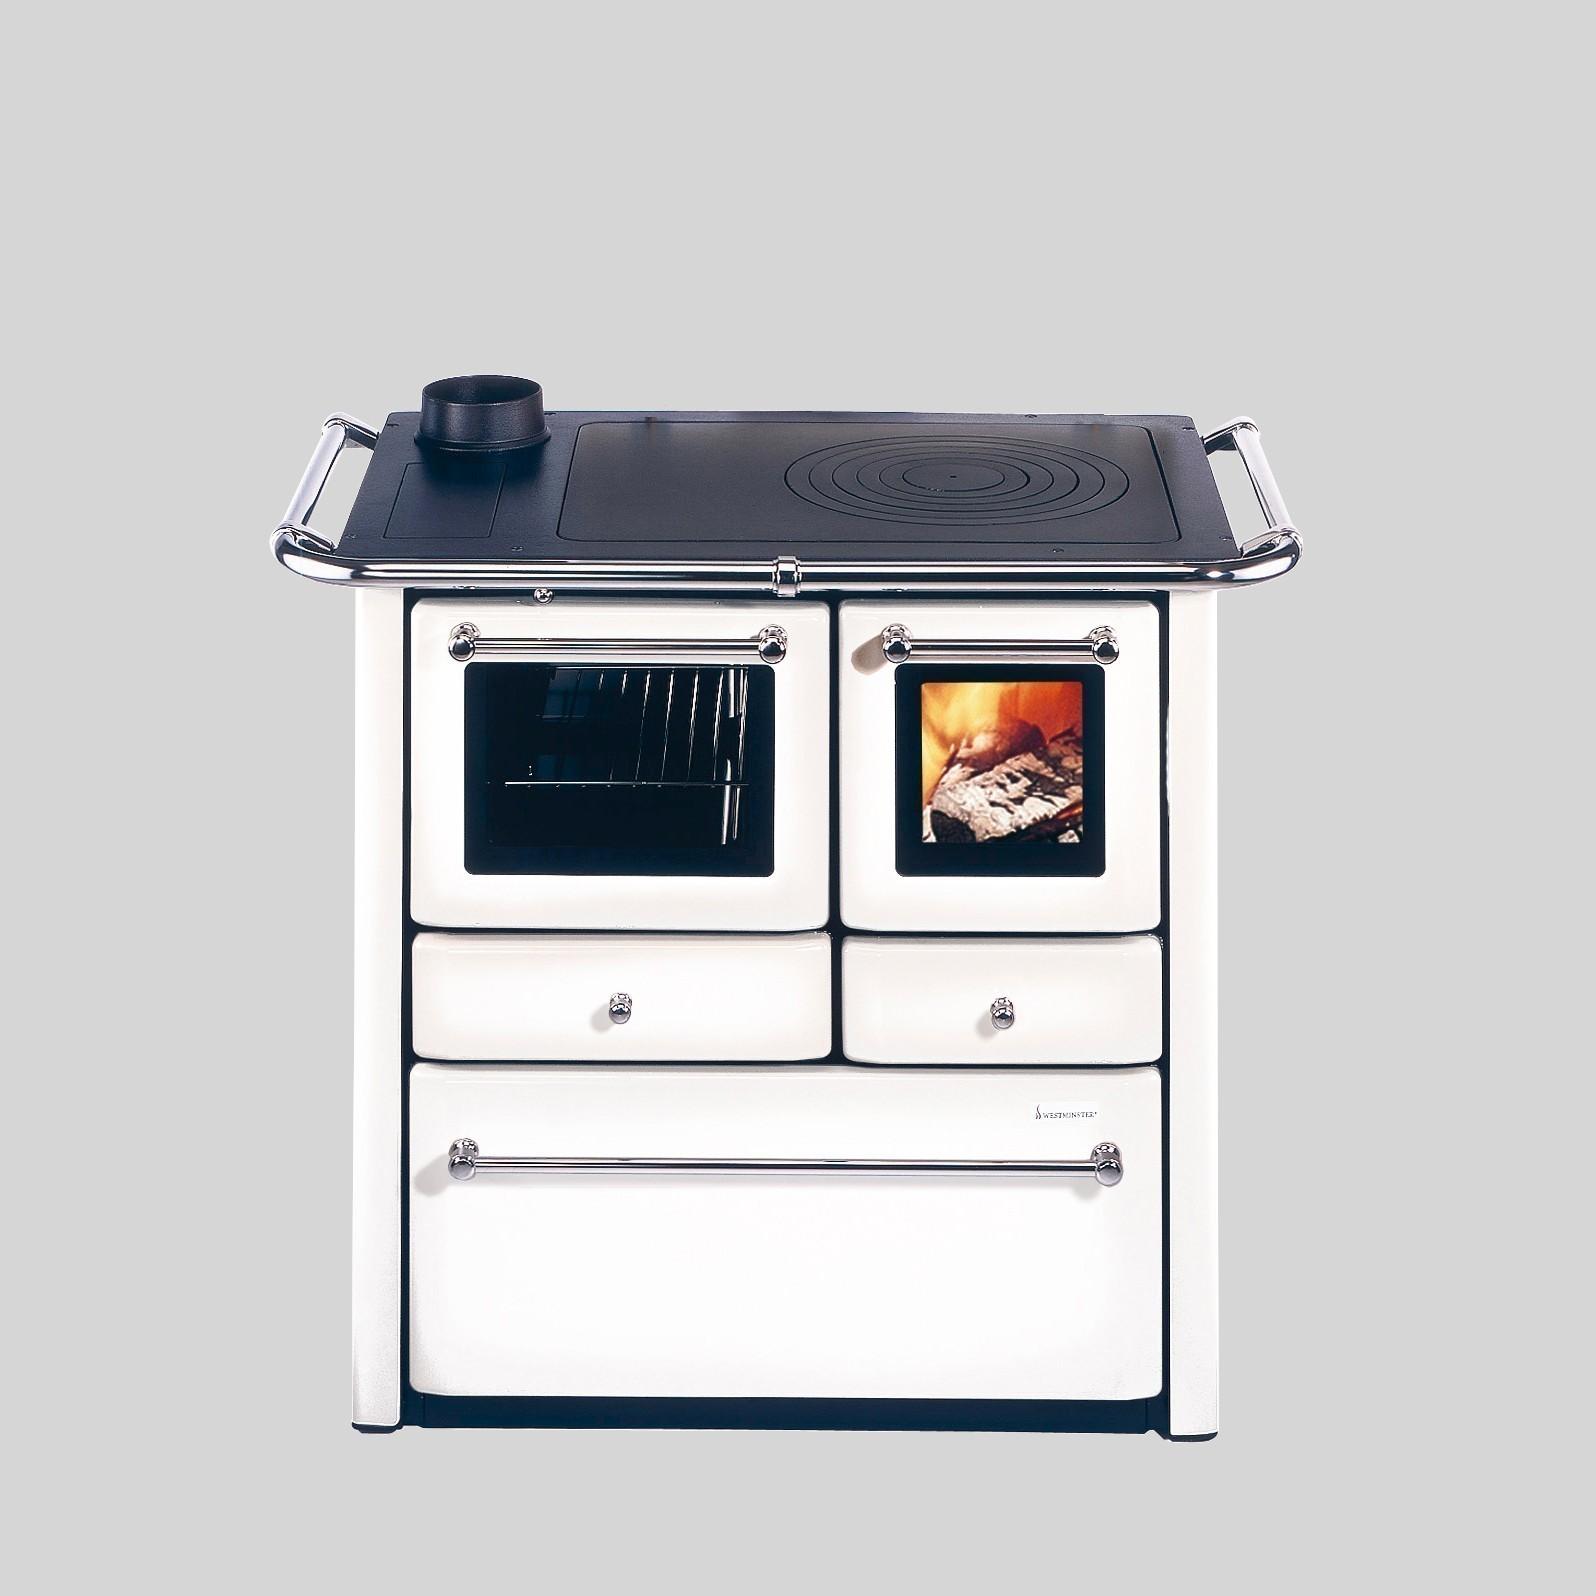 Beste Küchenherd Größen Fotos - Küche Set Ideen - deriherusweets.info